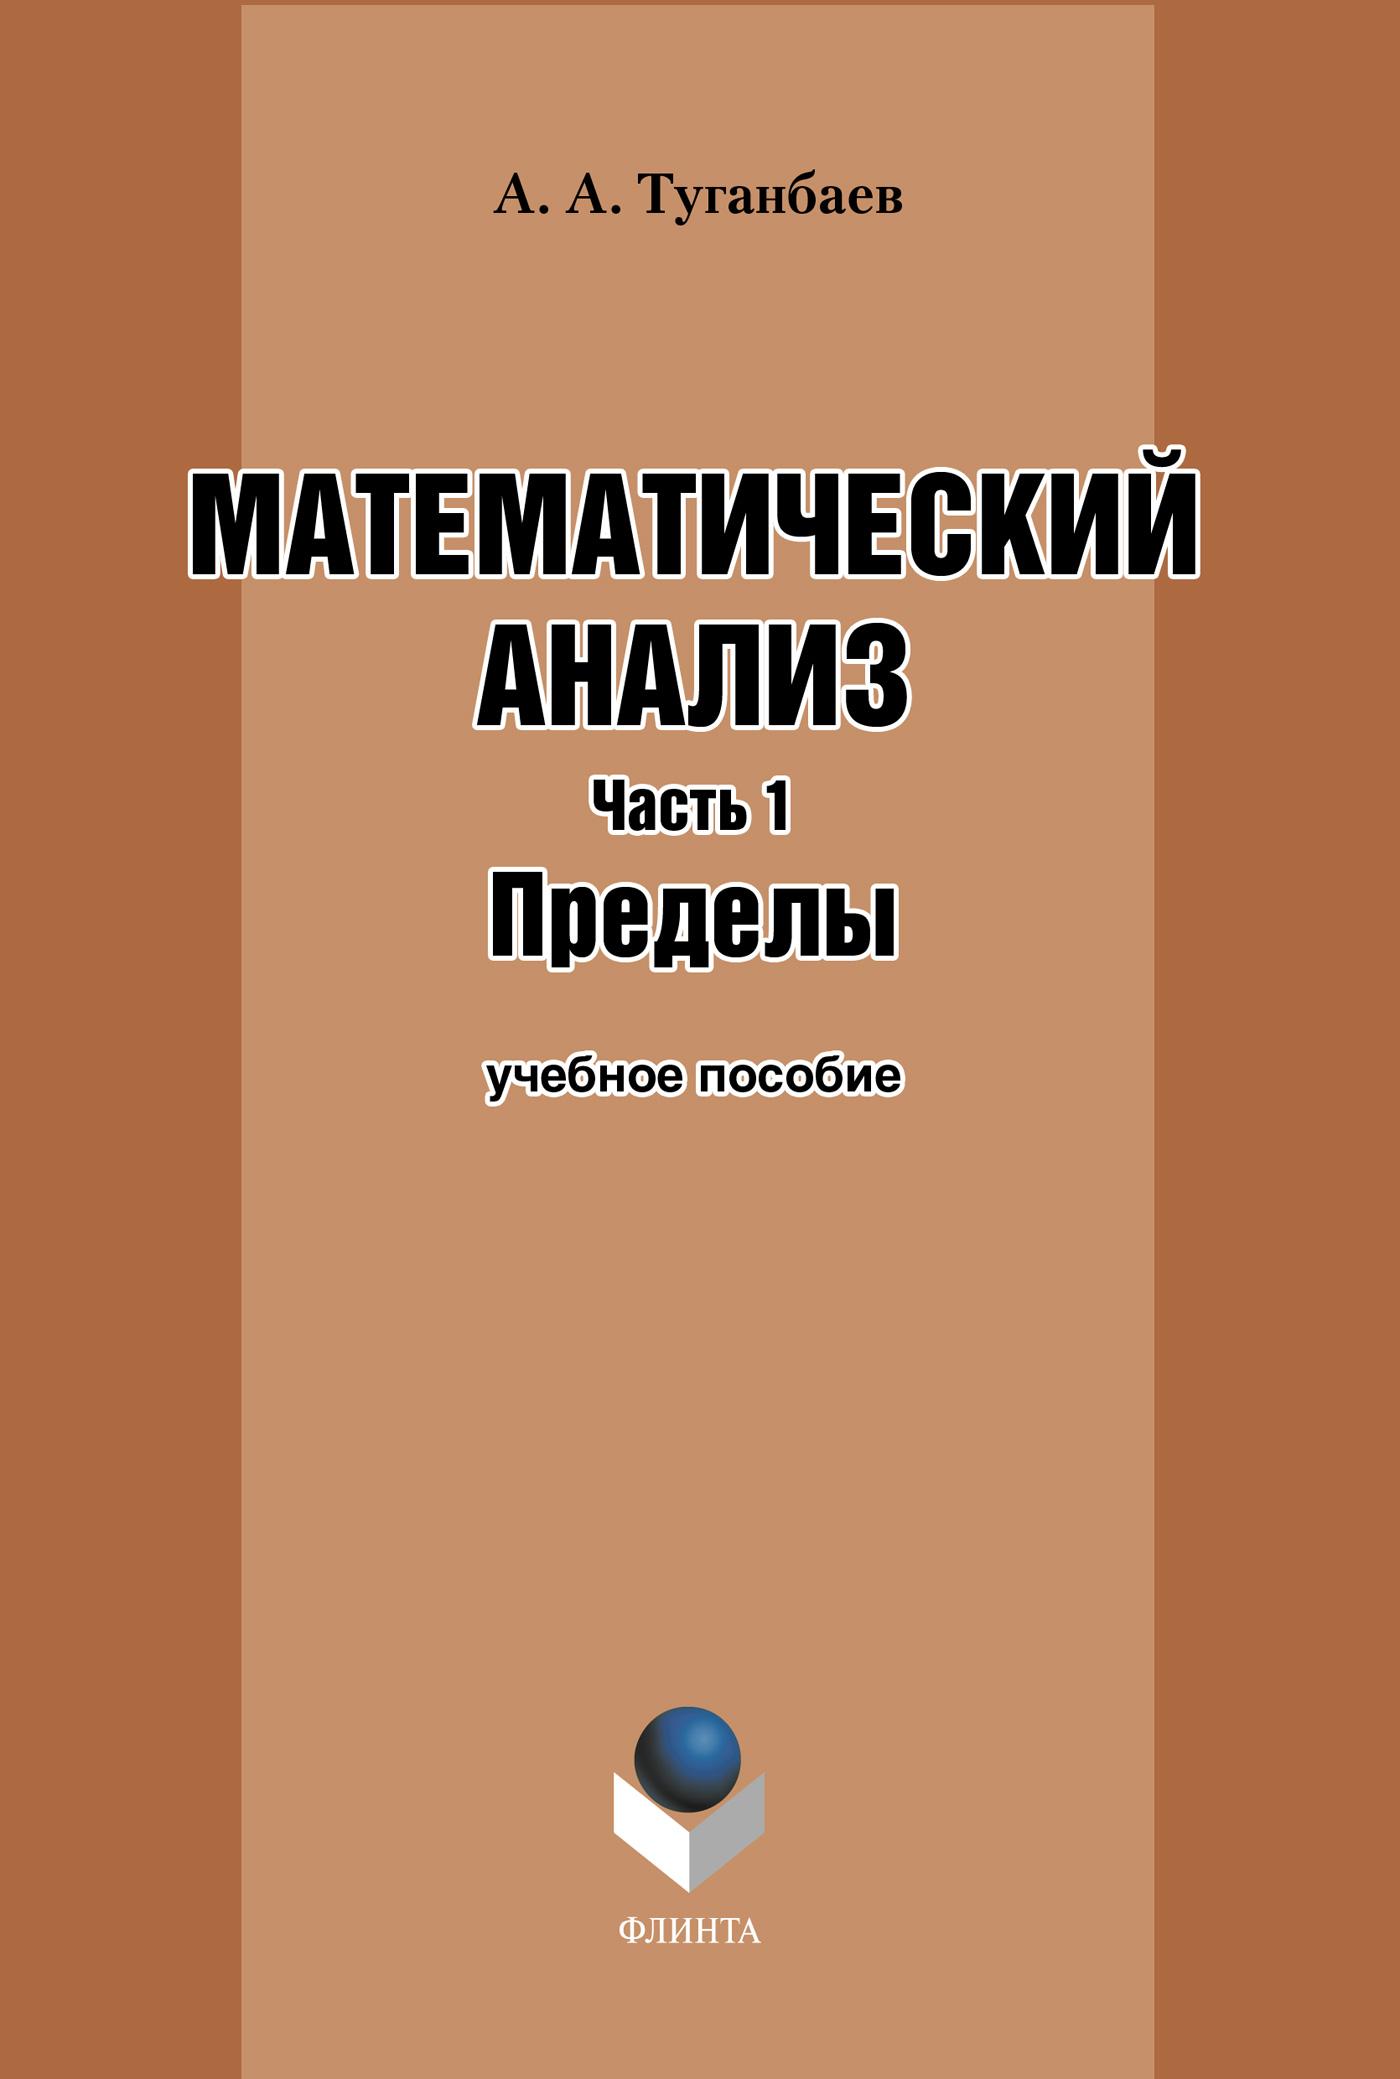 А. А. Туганбаев Математический анализ. Часть 1. Пределы: учебное пособие цена 2017